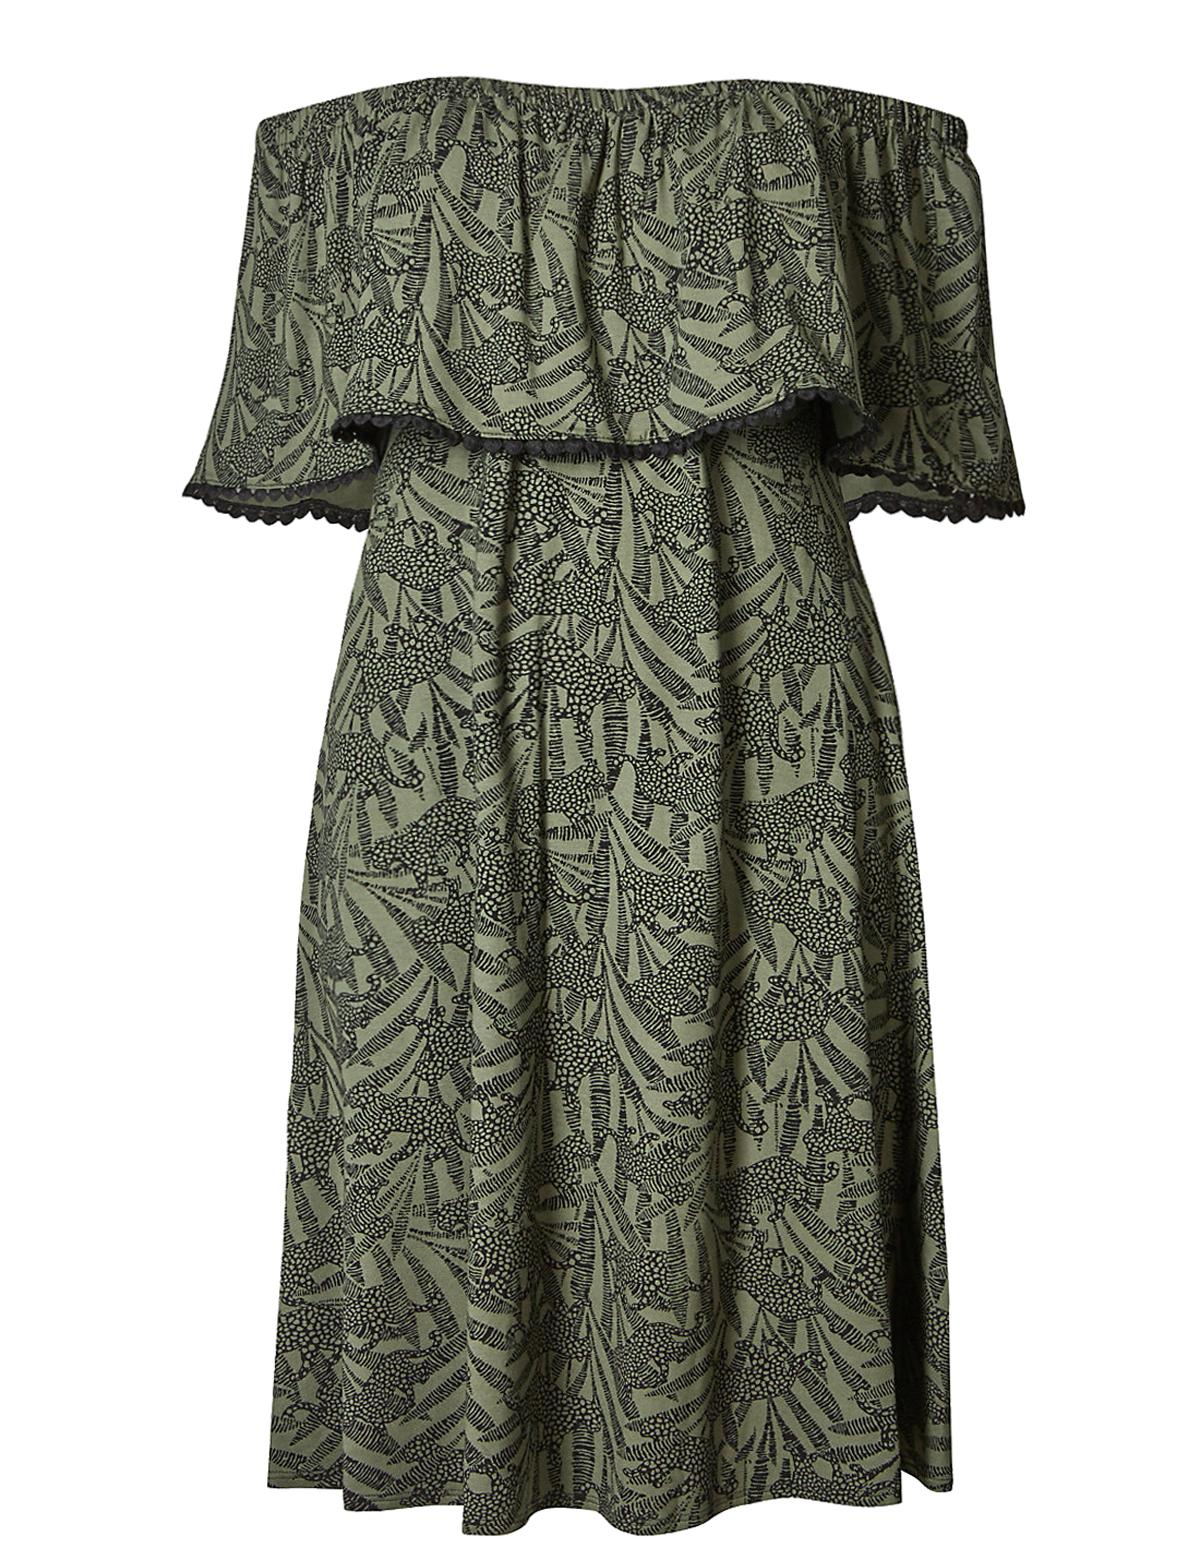 f0de1ac2cbbe Marks and Spencer - - M&5 KHAKI Animal Print Pom Pom Bardot Swing Dress -  Size 8 to 22